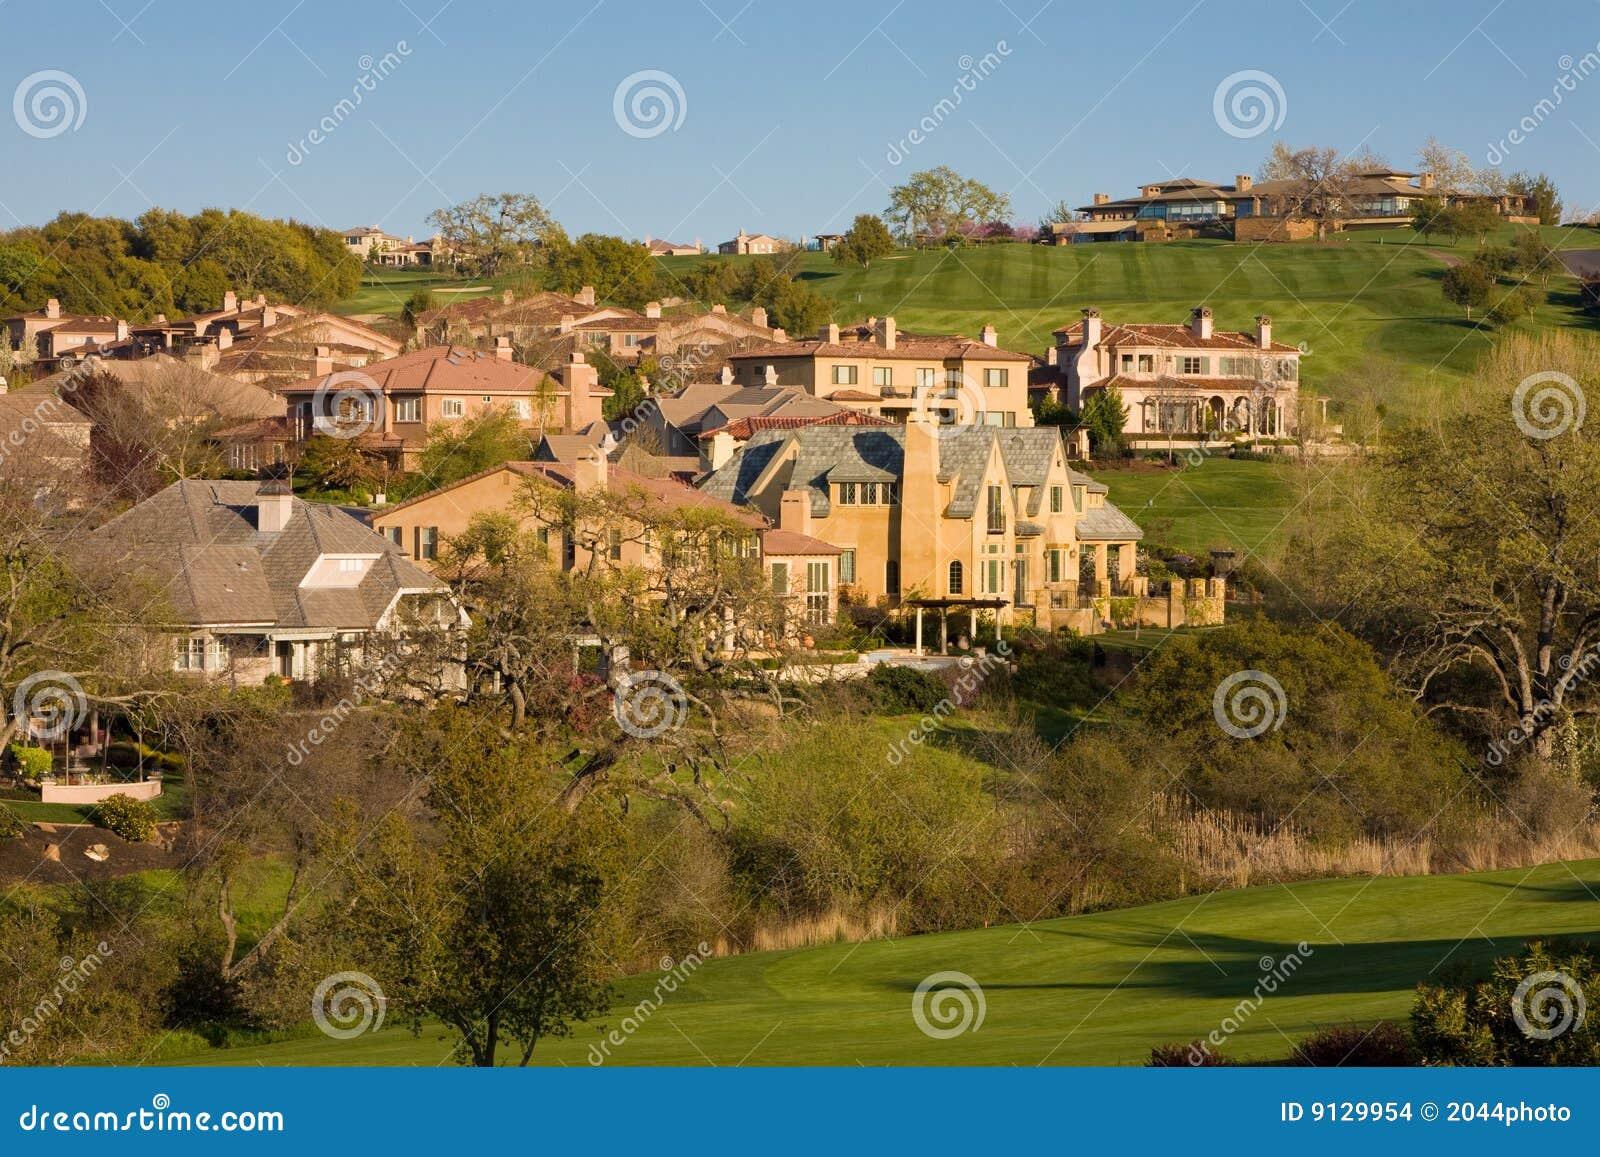 HOME residenciais em um campo de golfe montanhoso